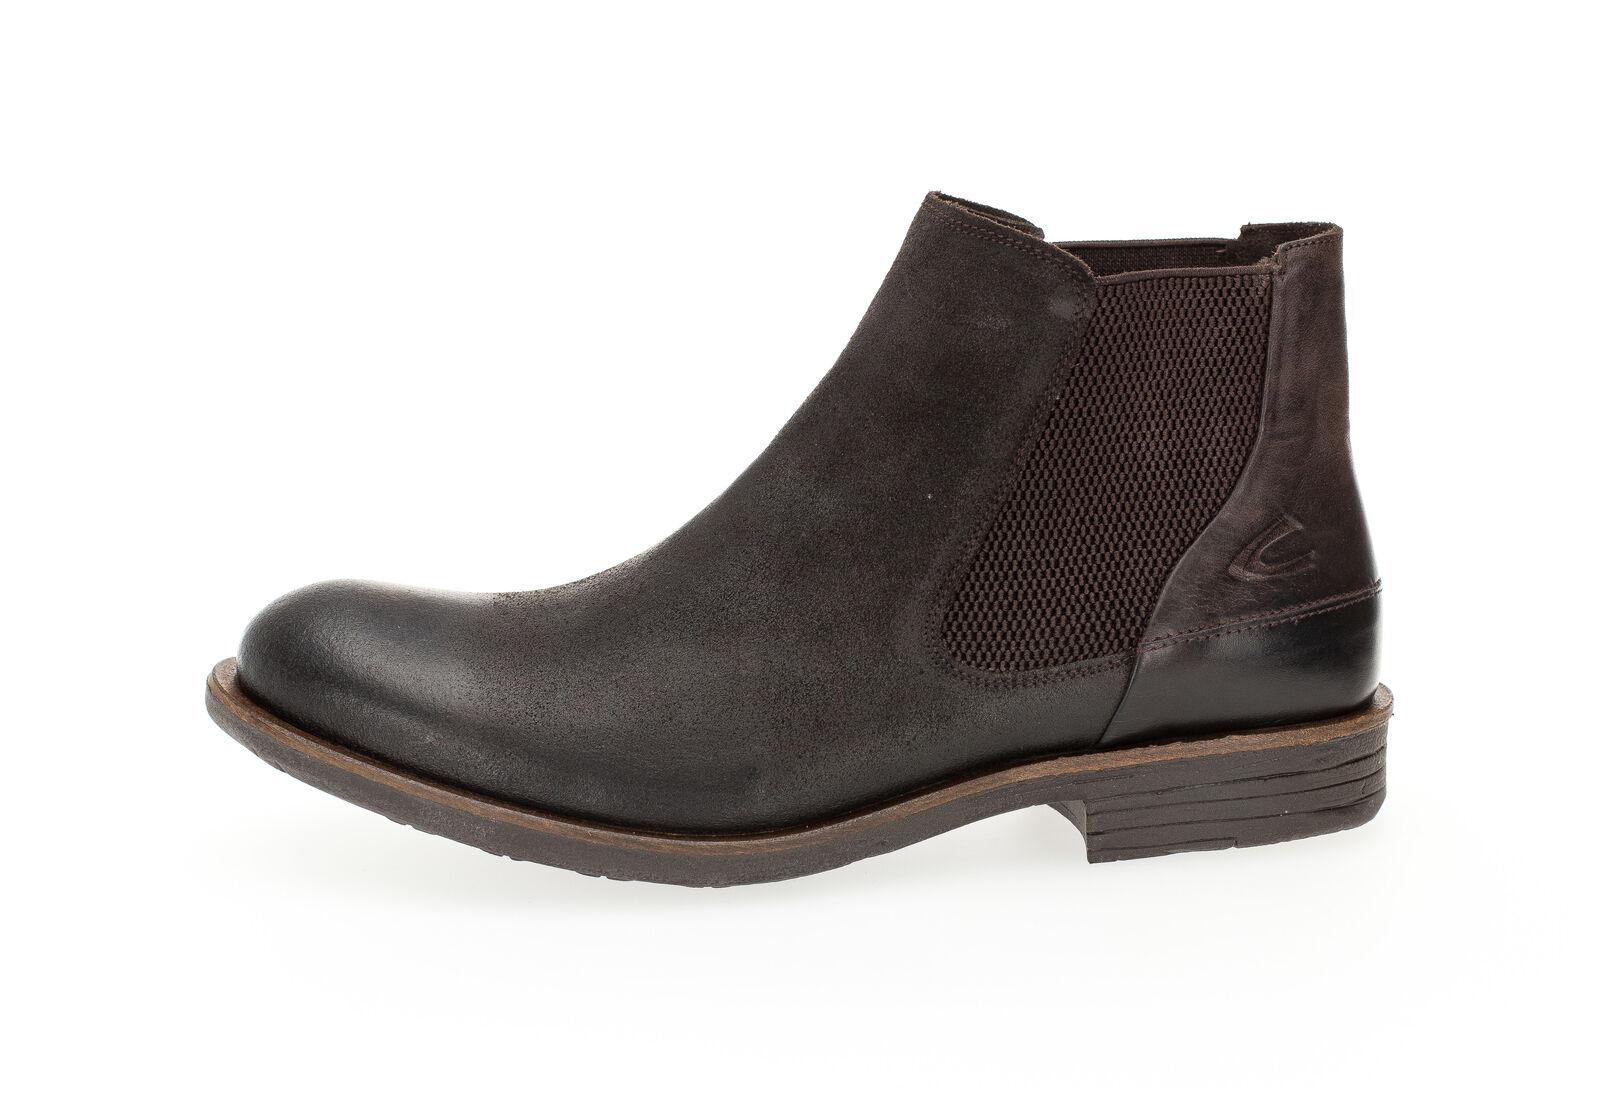 Camel Active señores zapato Check 13 chelsea bote zapato de cuero marrón NUEVO